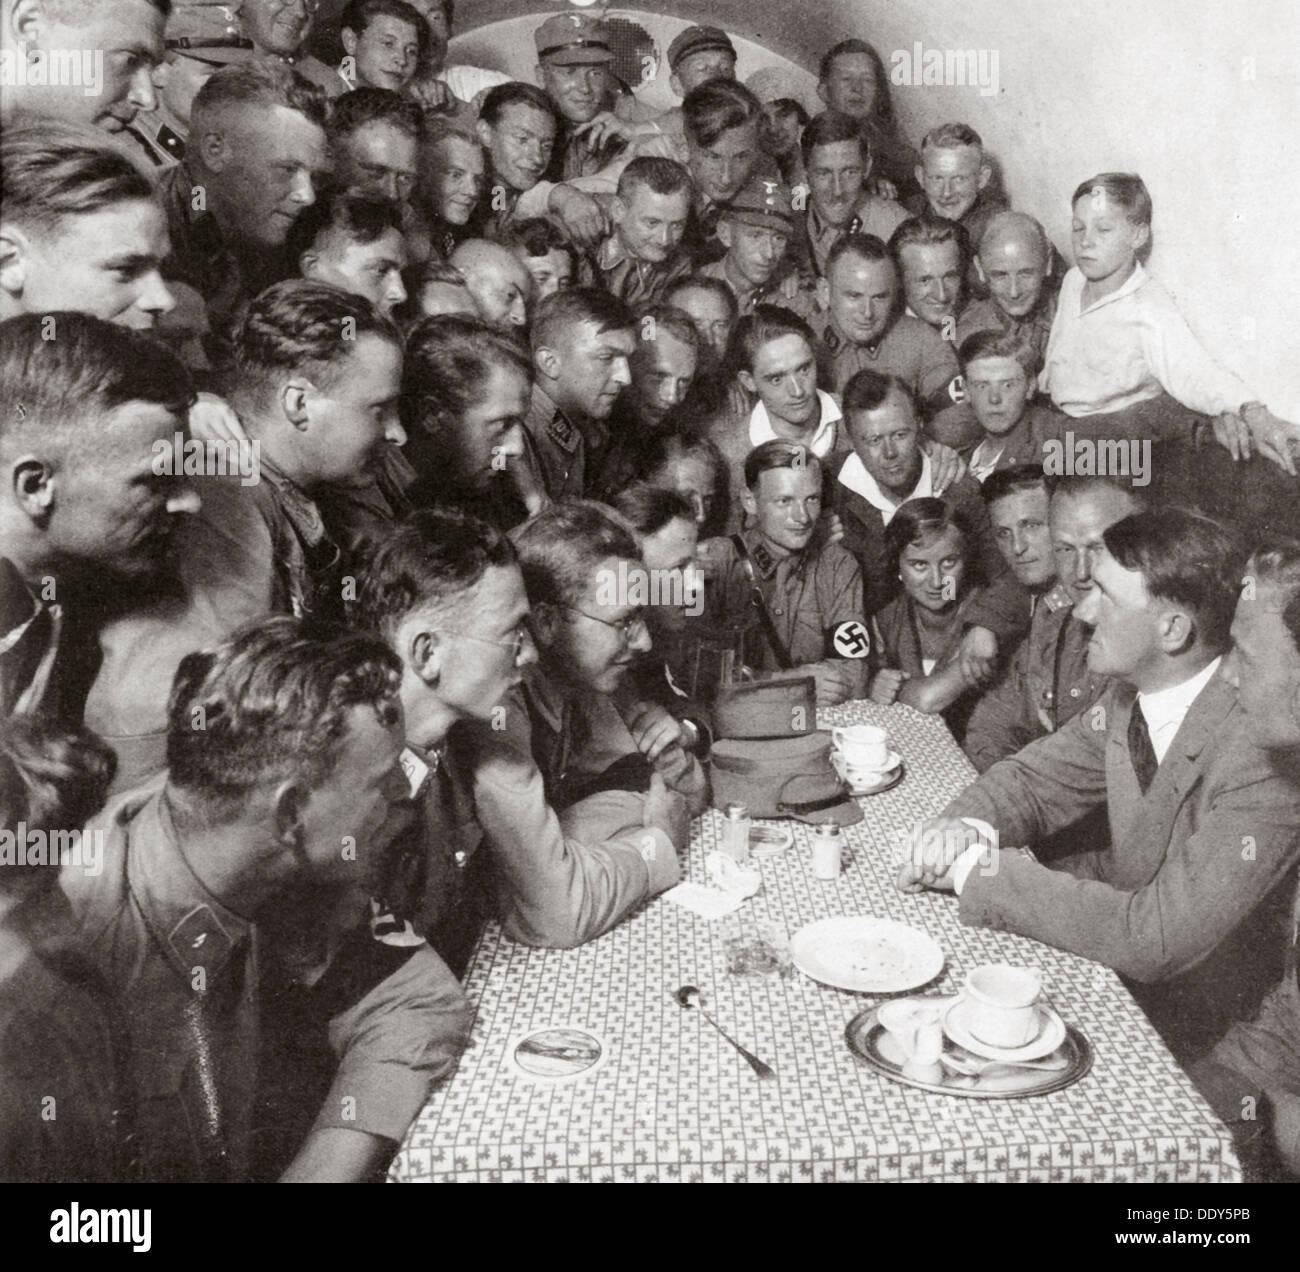 """""""El Supremo SA líder Adolf Hitler con sus compañeros"""", 1938. Artista: Desconocido Imagen De Stock"""